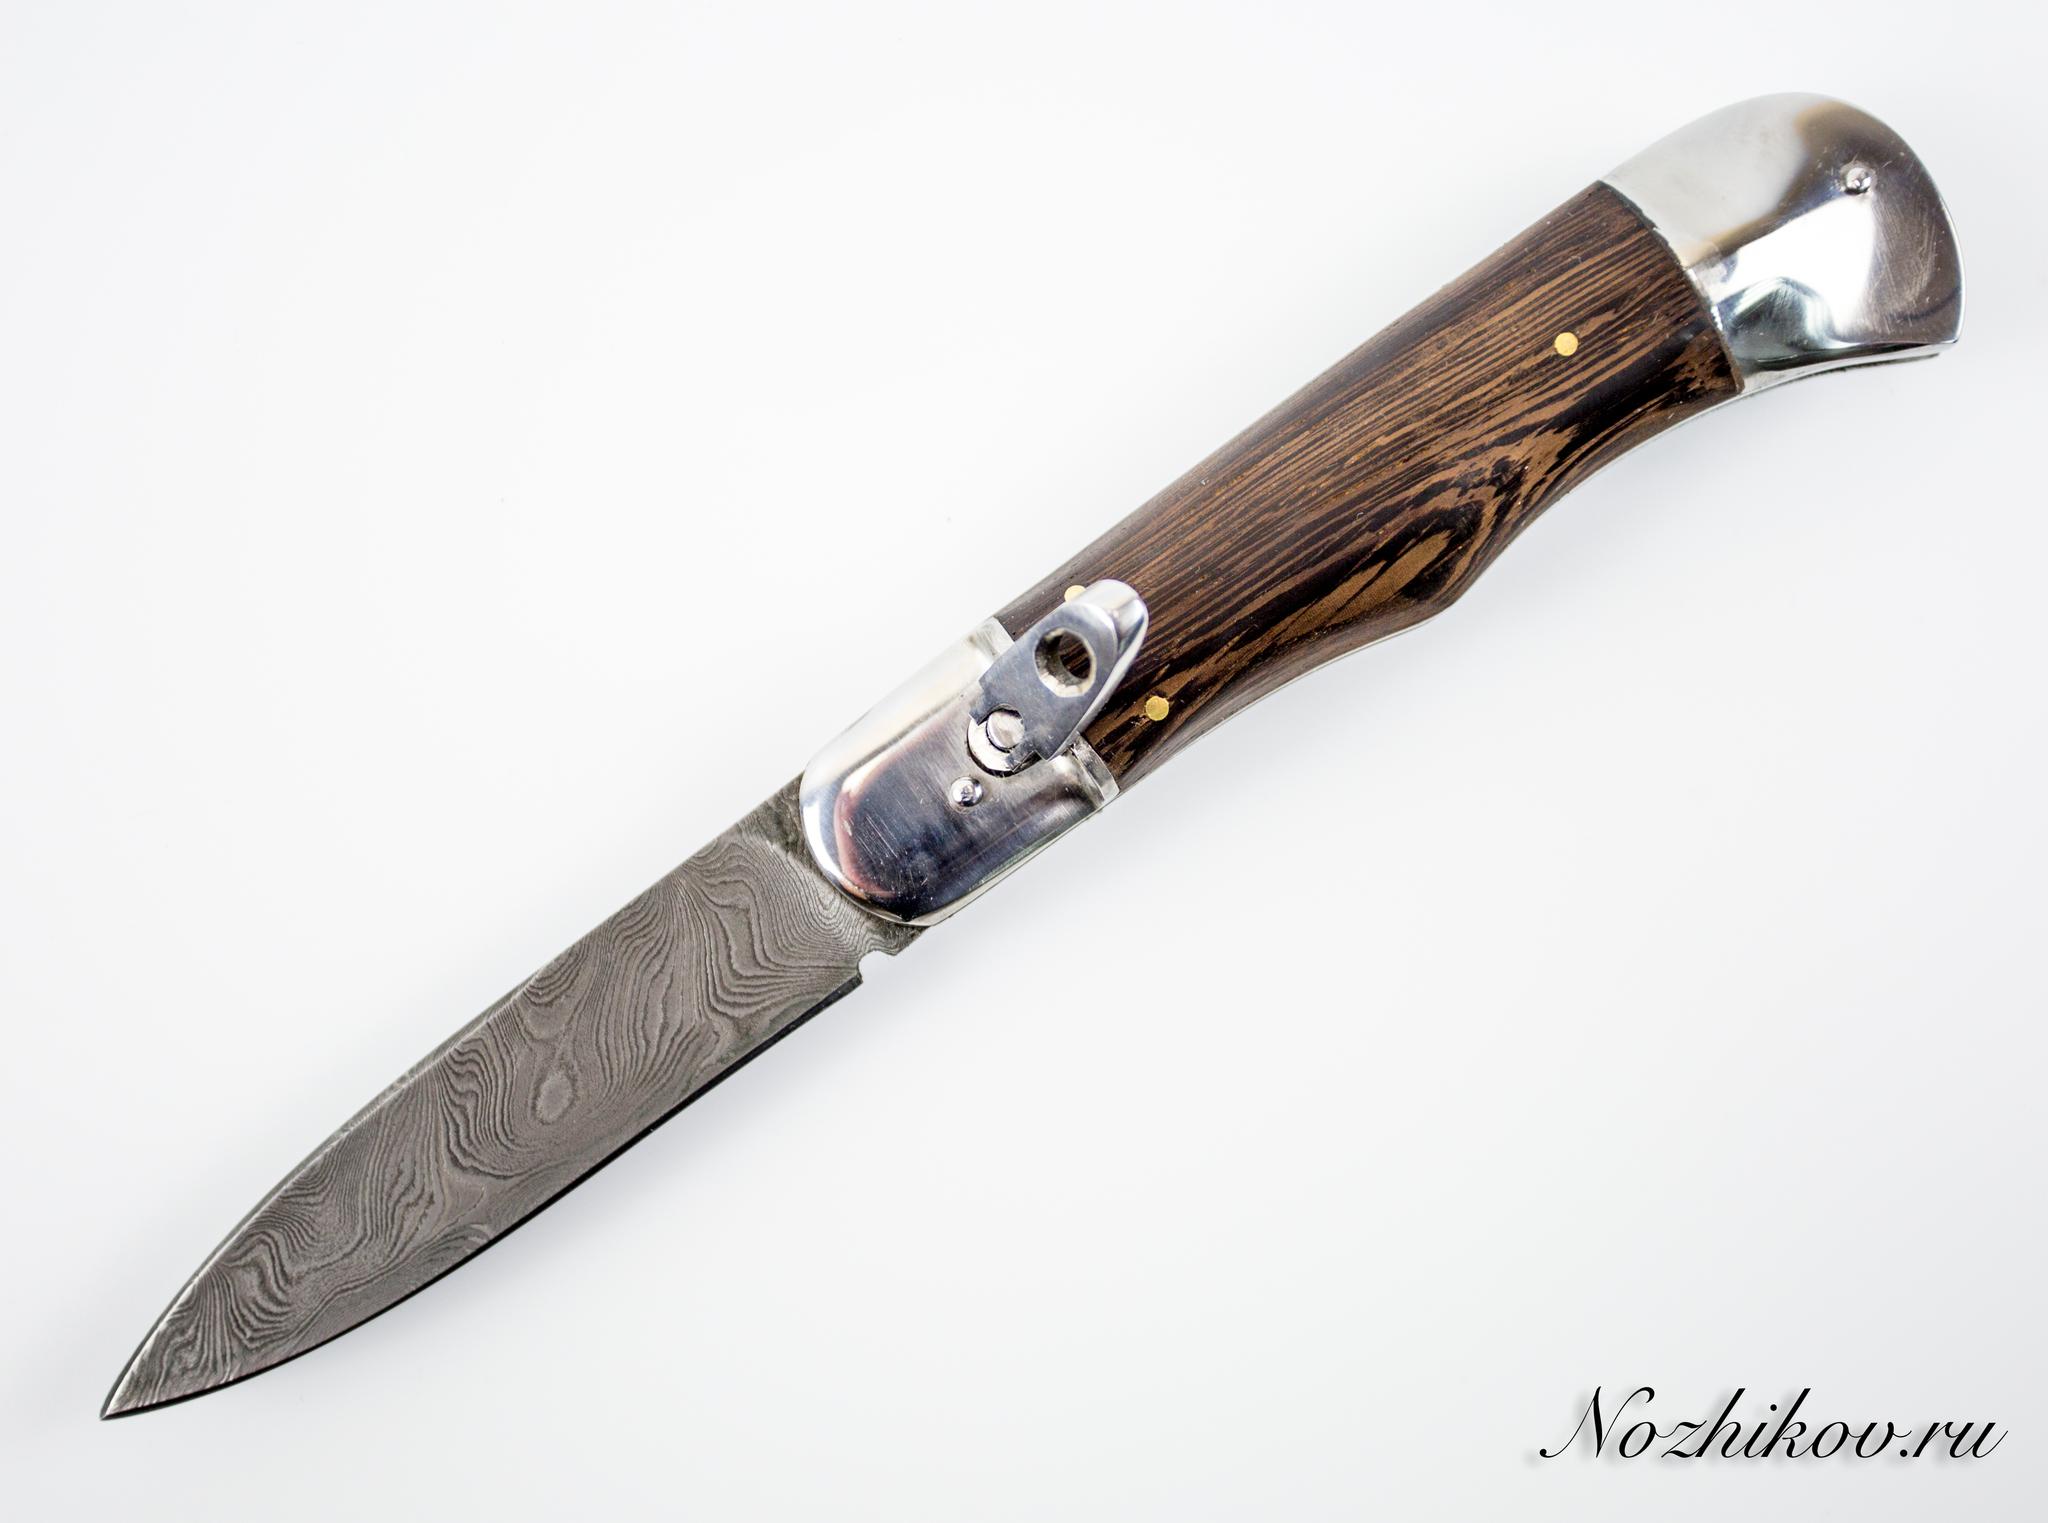 Выкидной нож Фантомас, дамаск автоматический выкидной нож precipice black anodized aluminum handle black